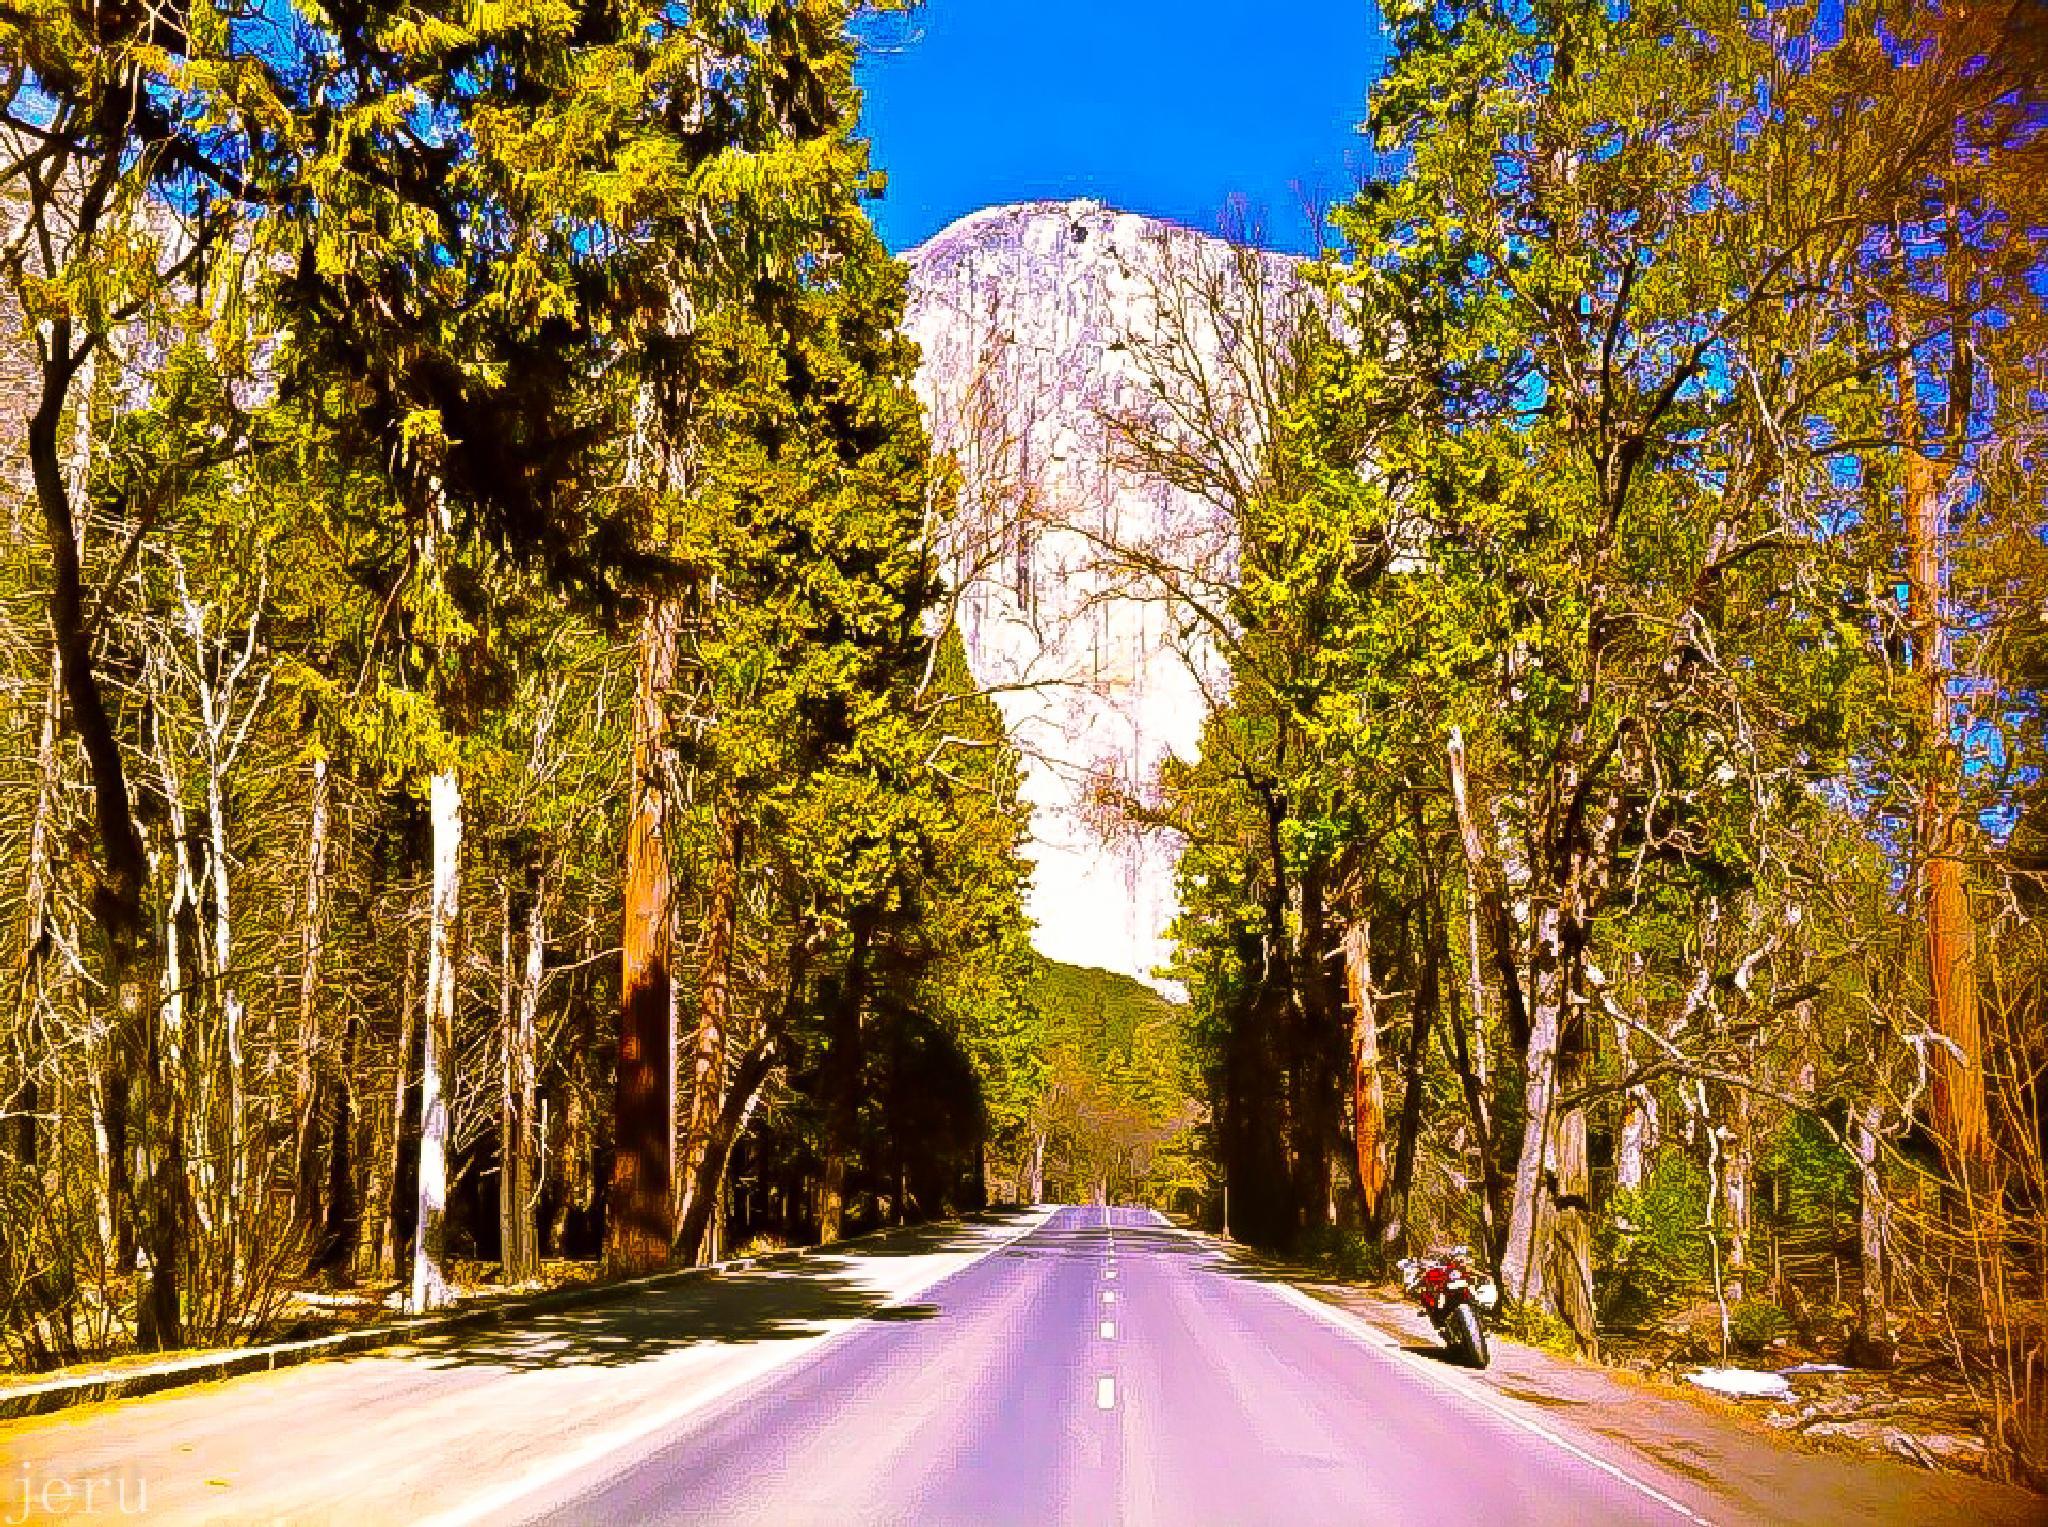 Yosemite by jeru.wheel